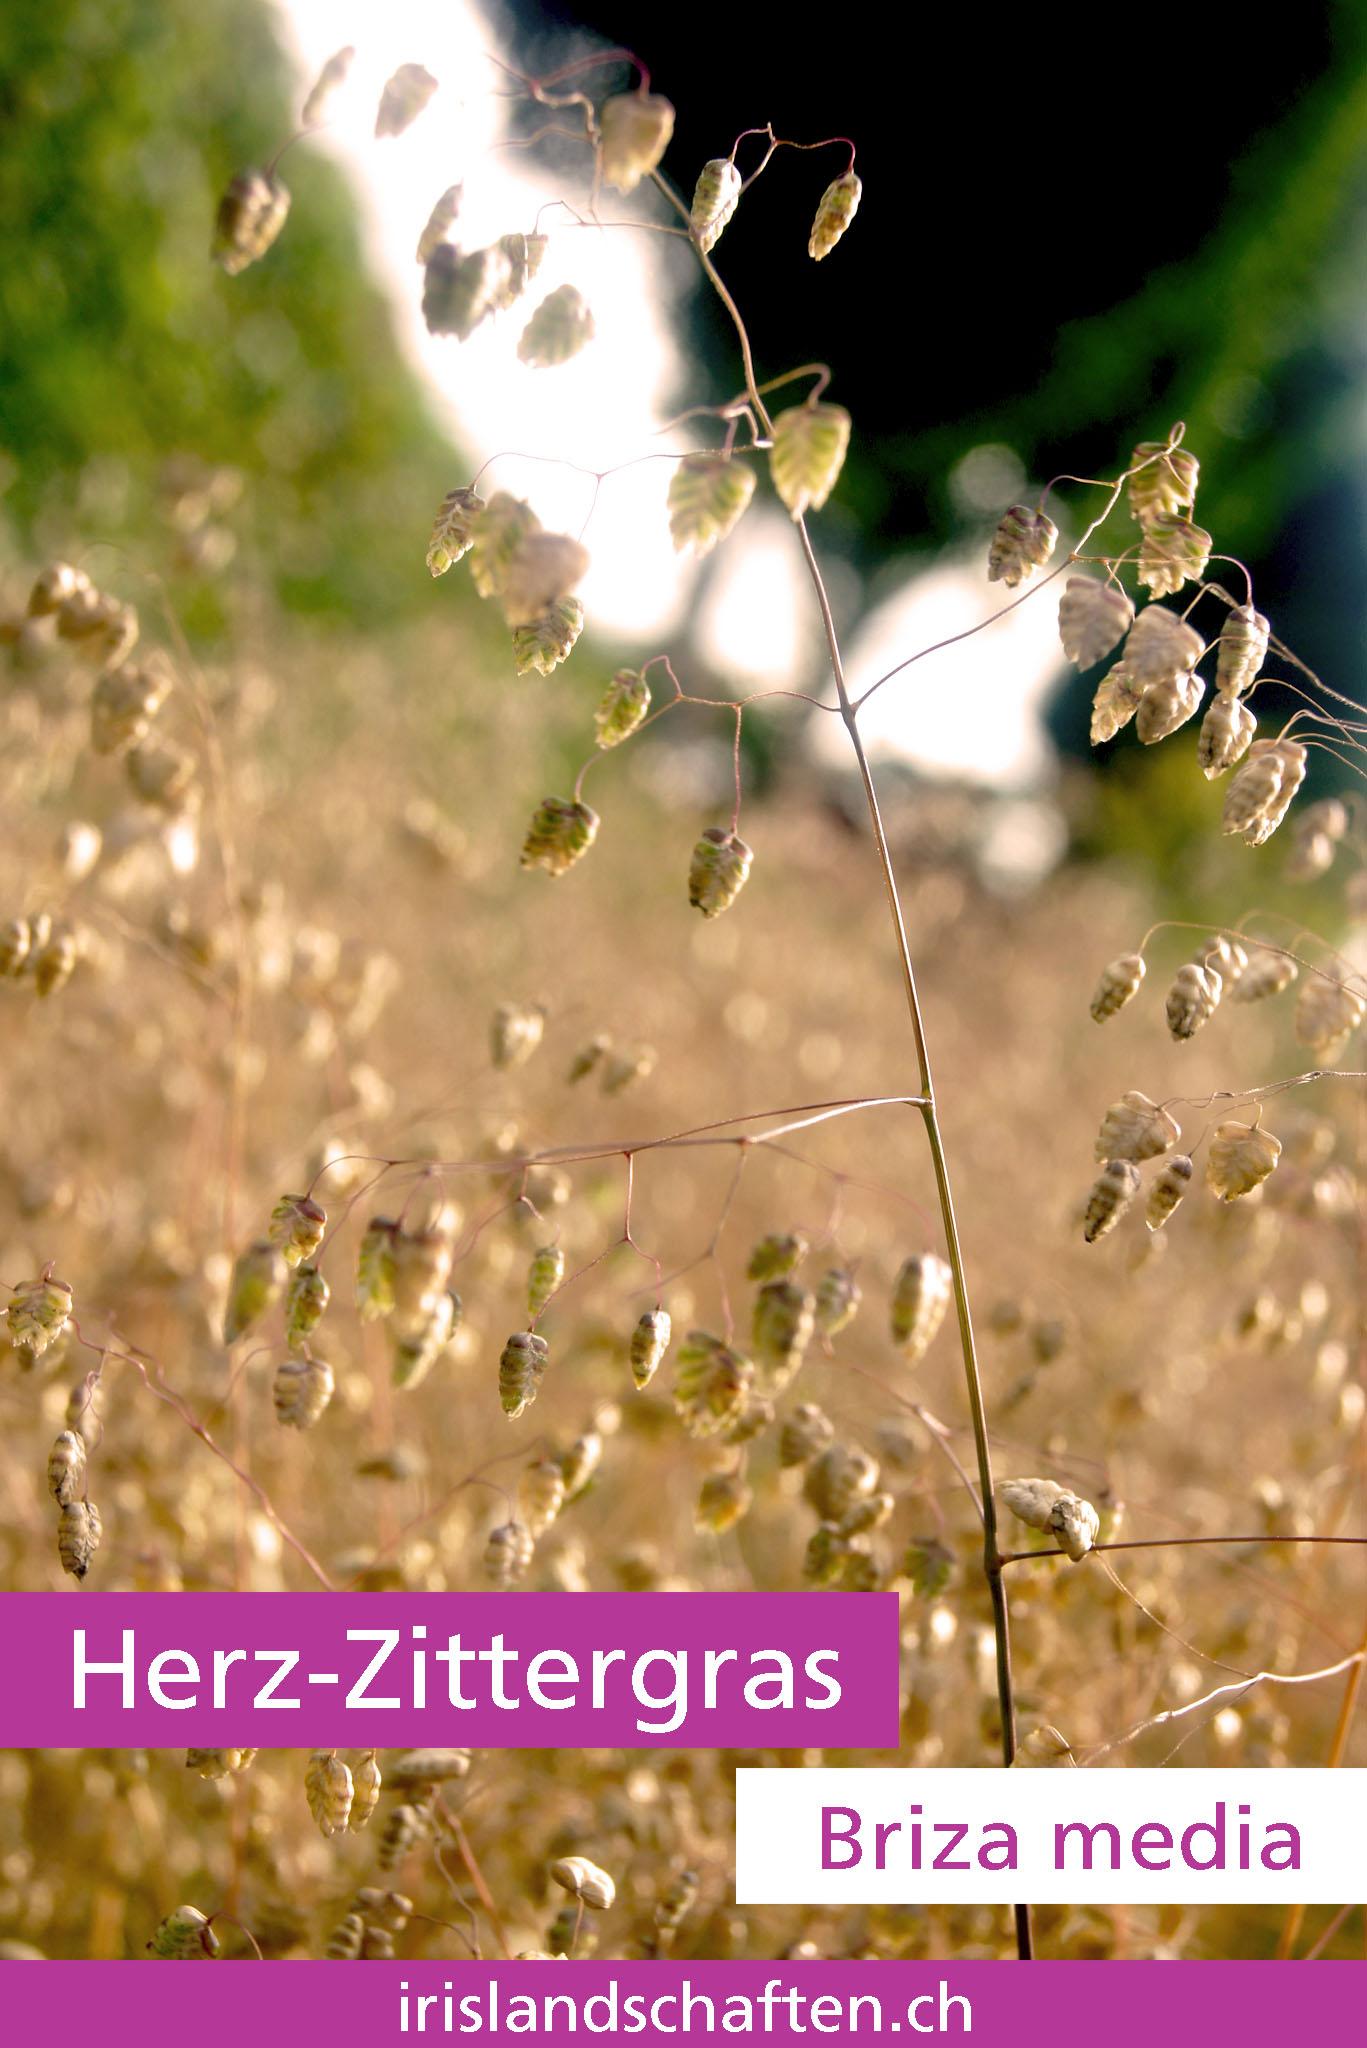 Herz-Zittergras Briza media Gartengestaltung